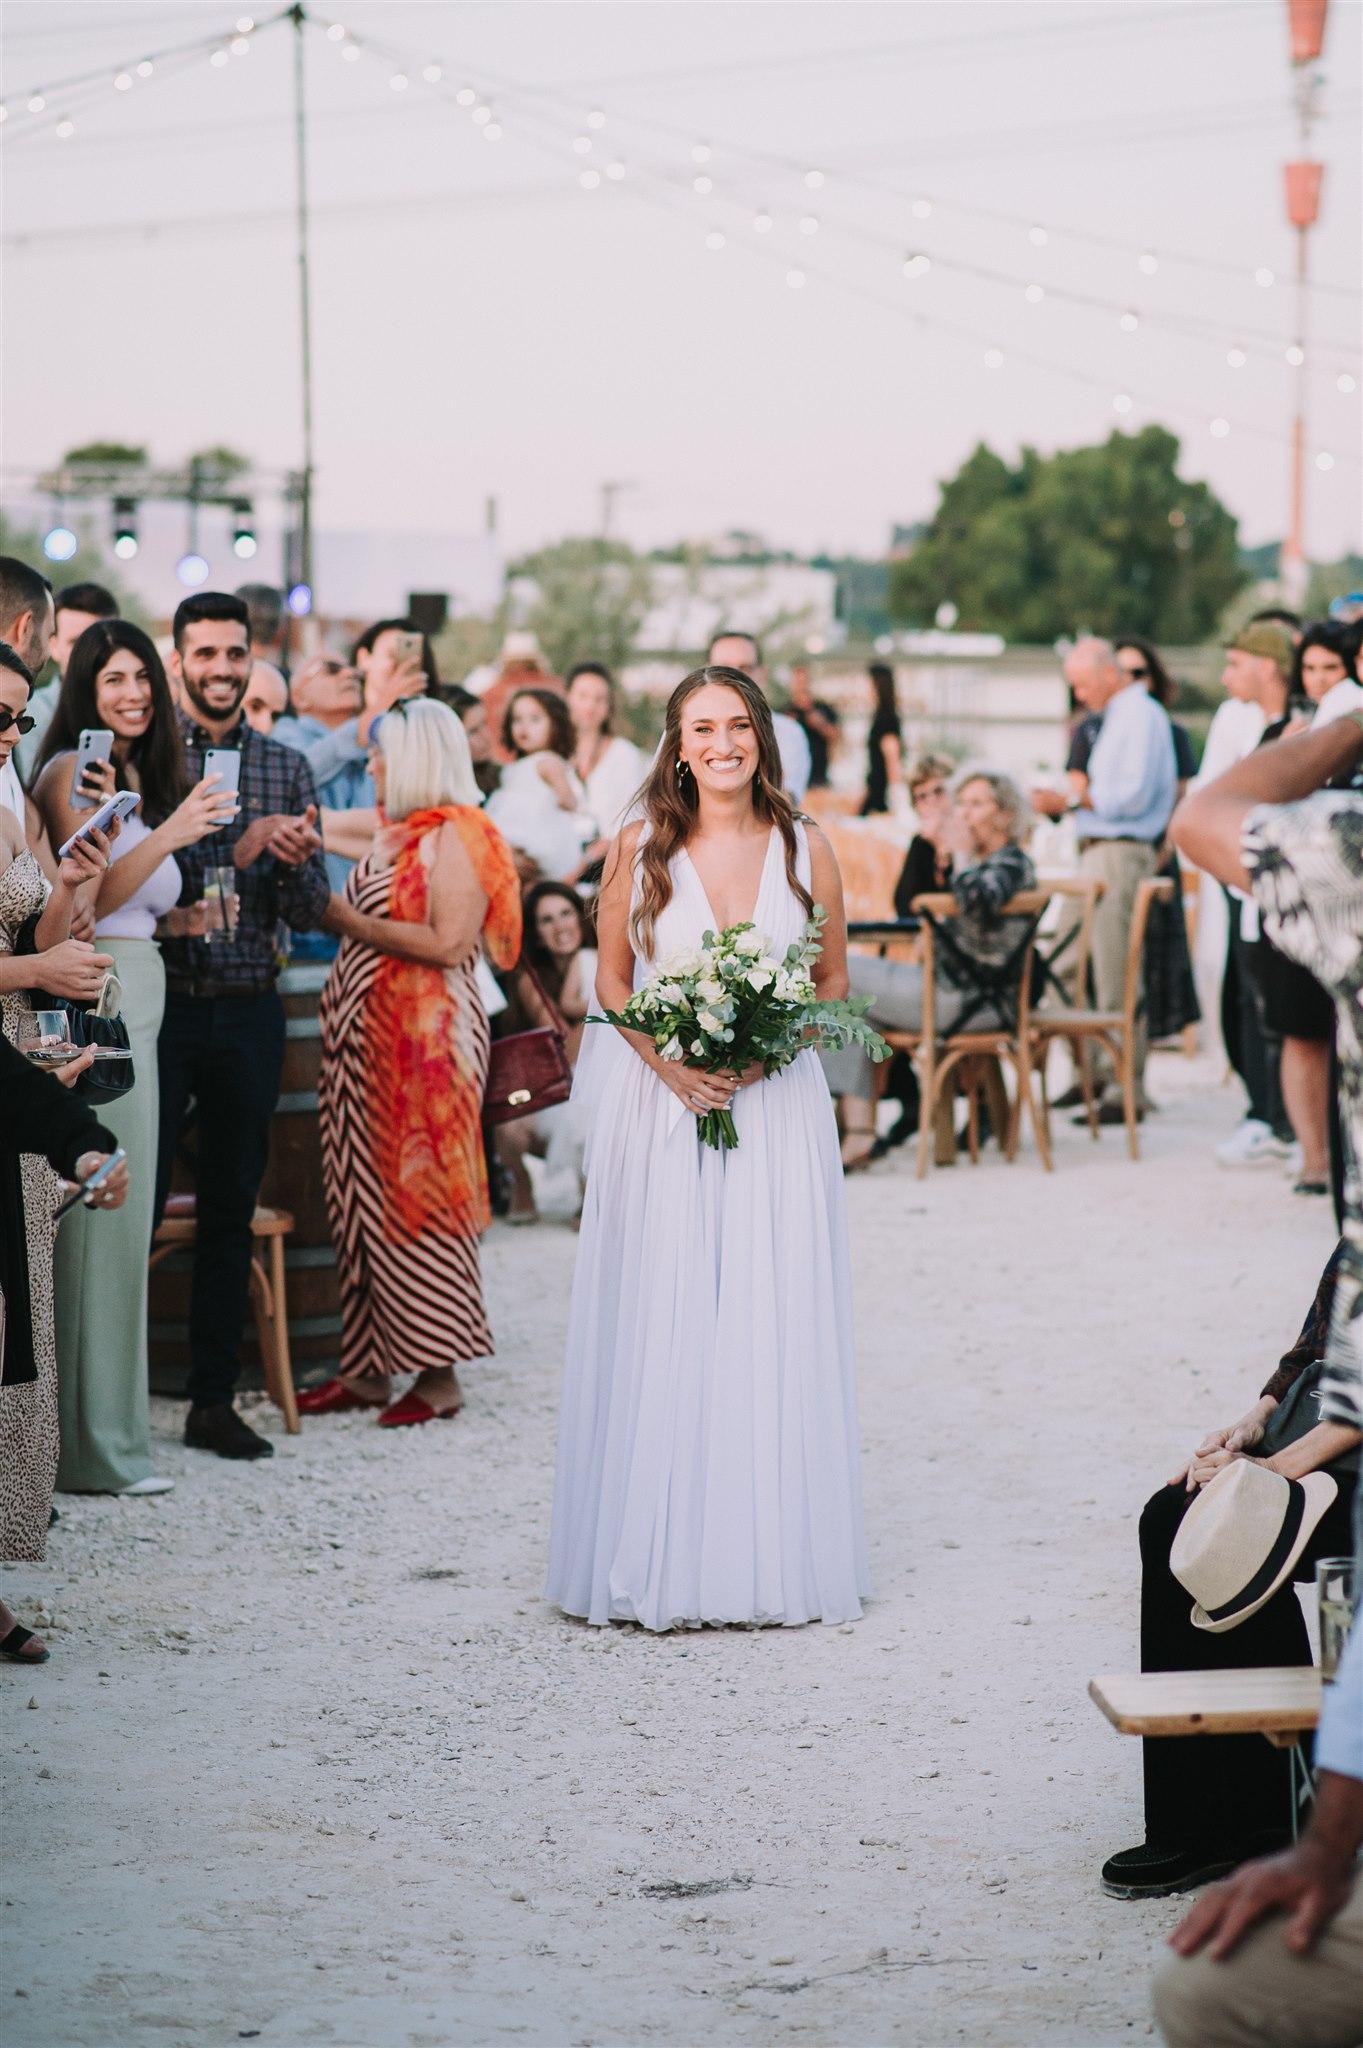 עם נוף עוצר נשימה: חתונת שישי בין הכרמים